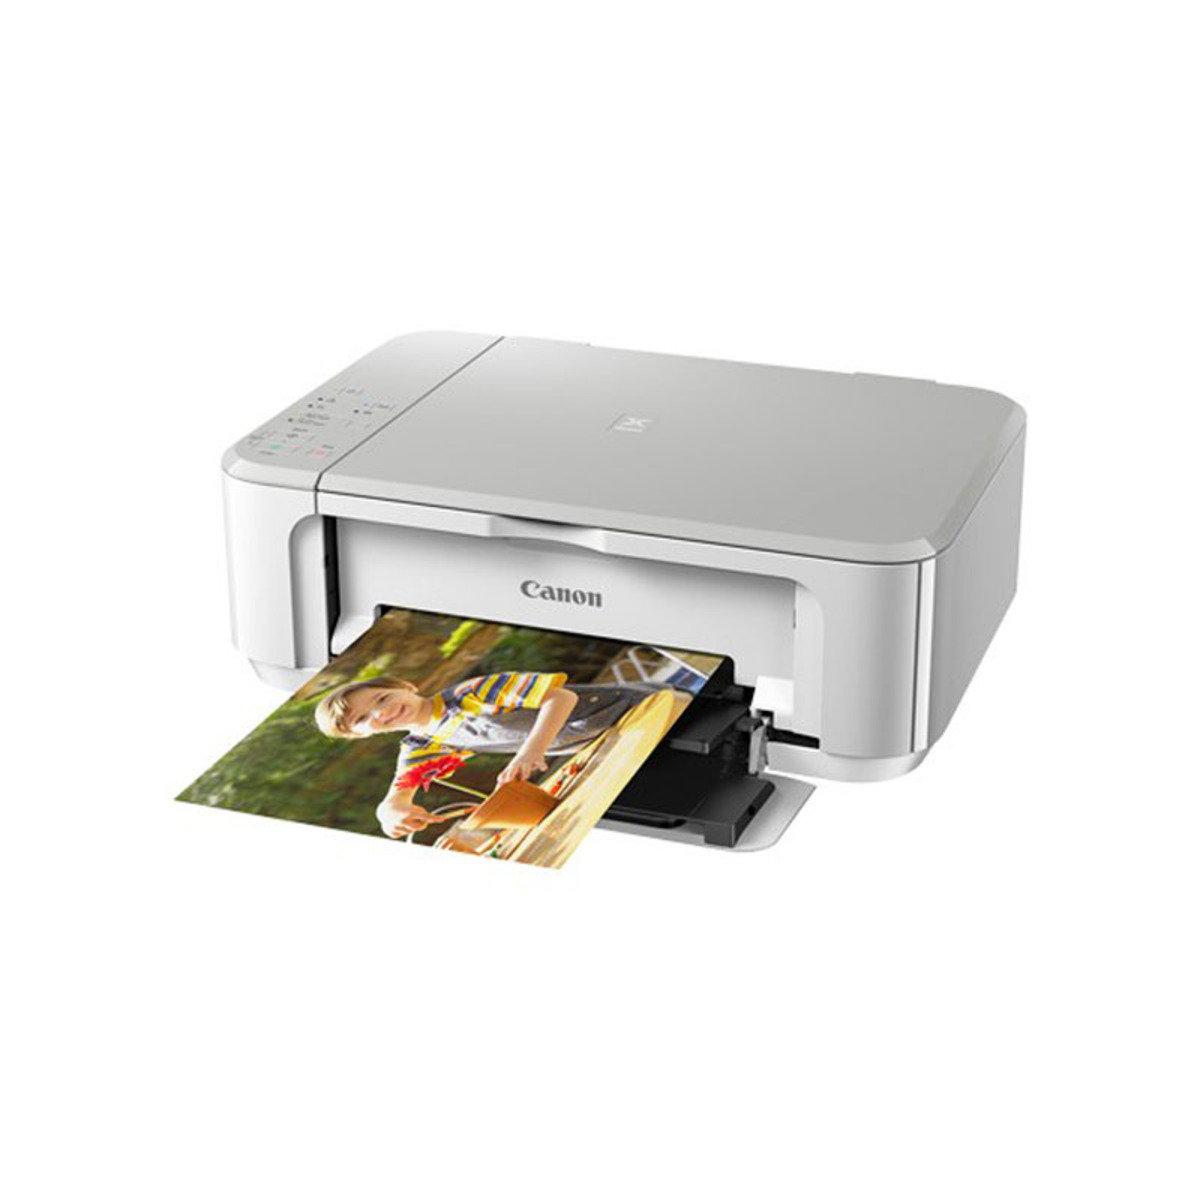 彩色打印 掃瞄 影印 多合一噴墨相片打印機 MG3670 白色